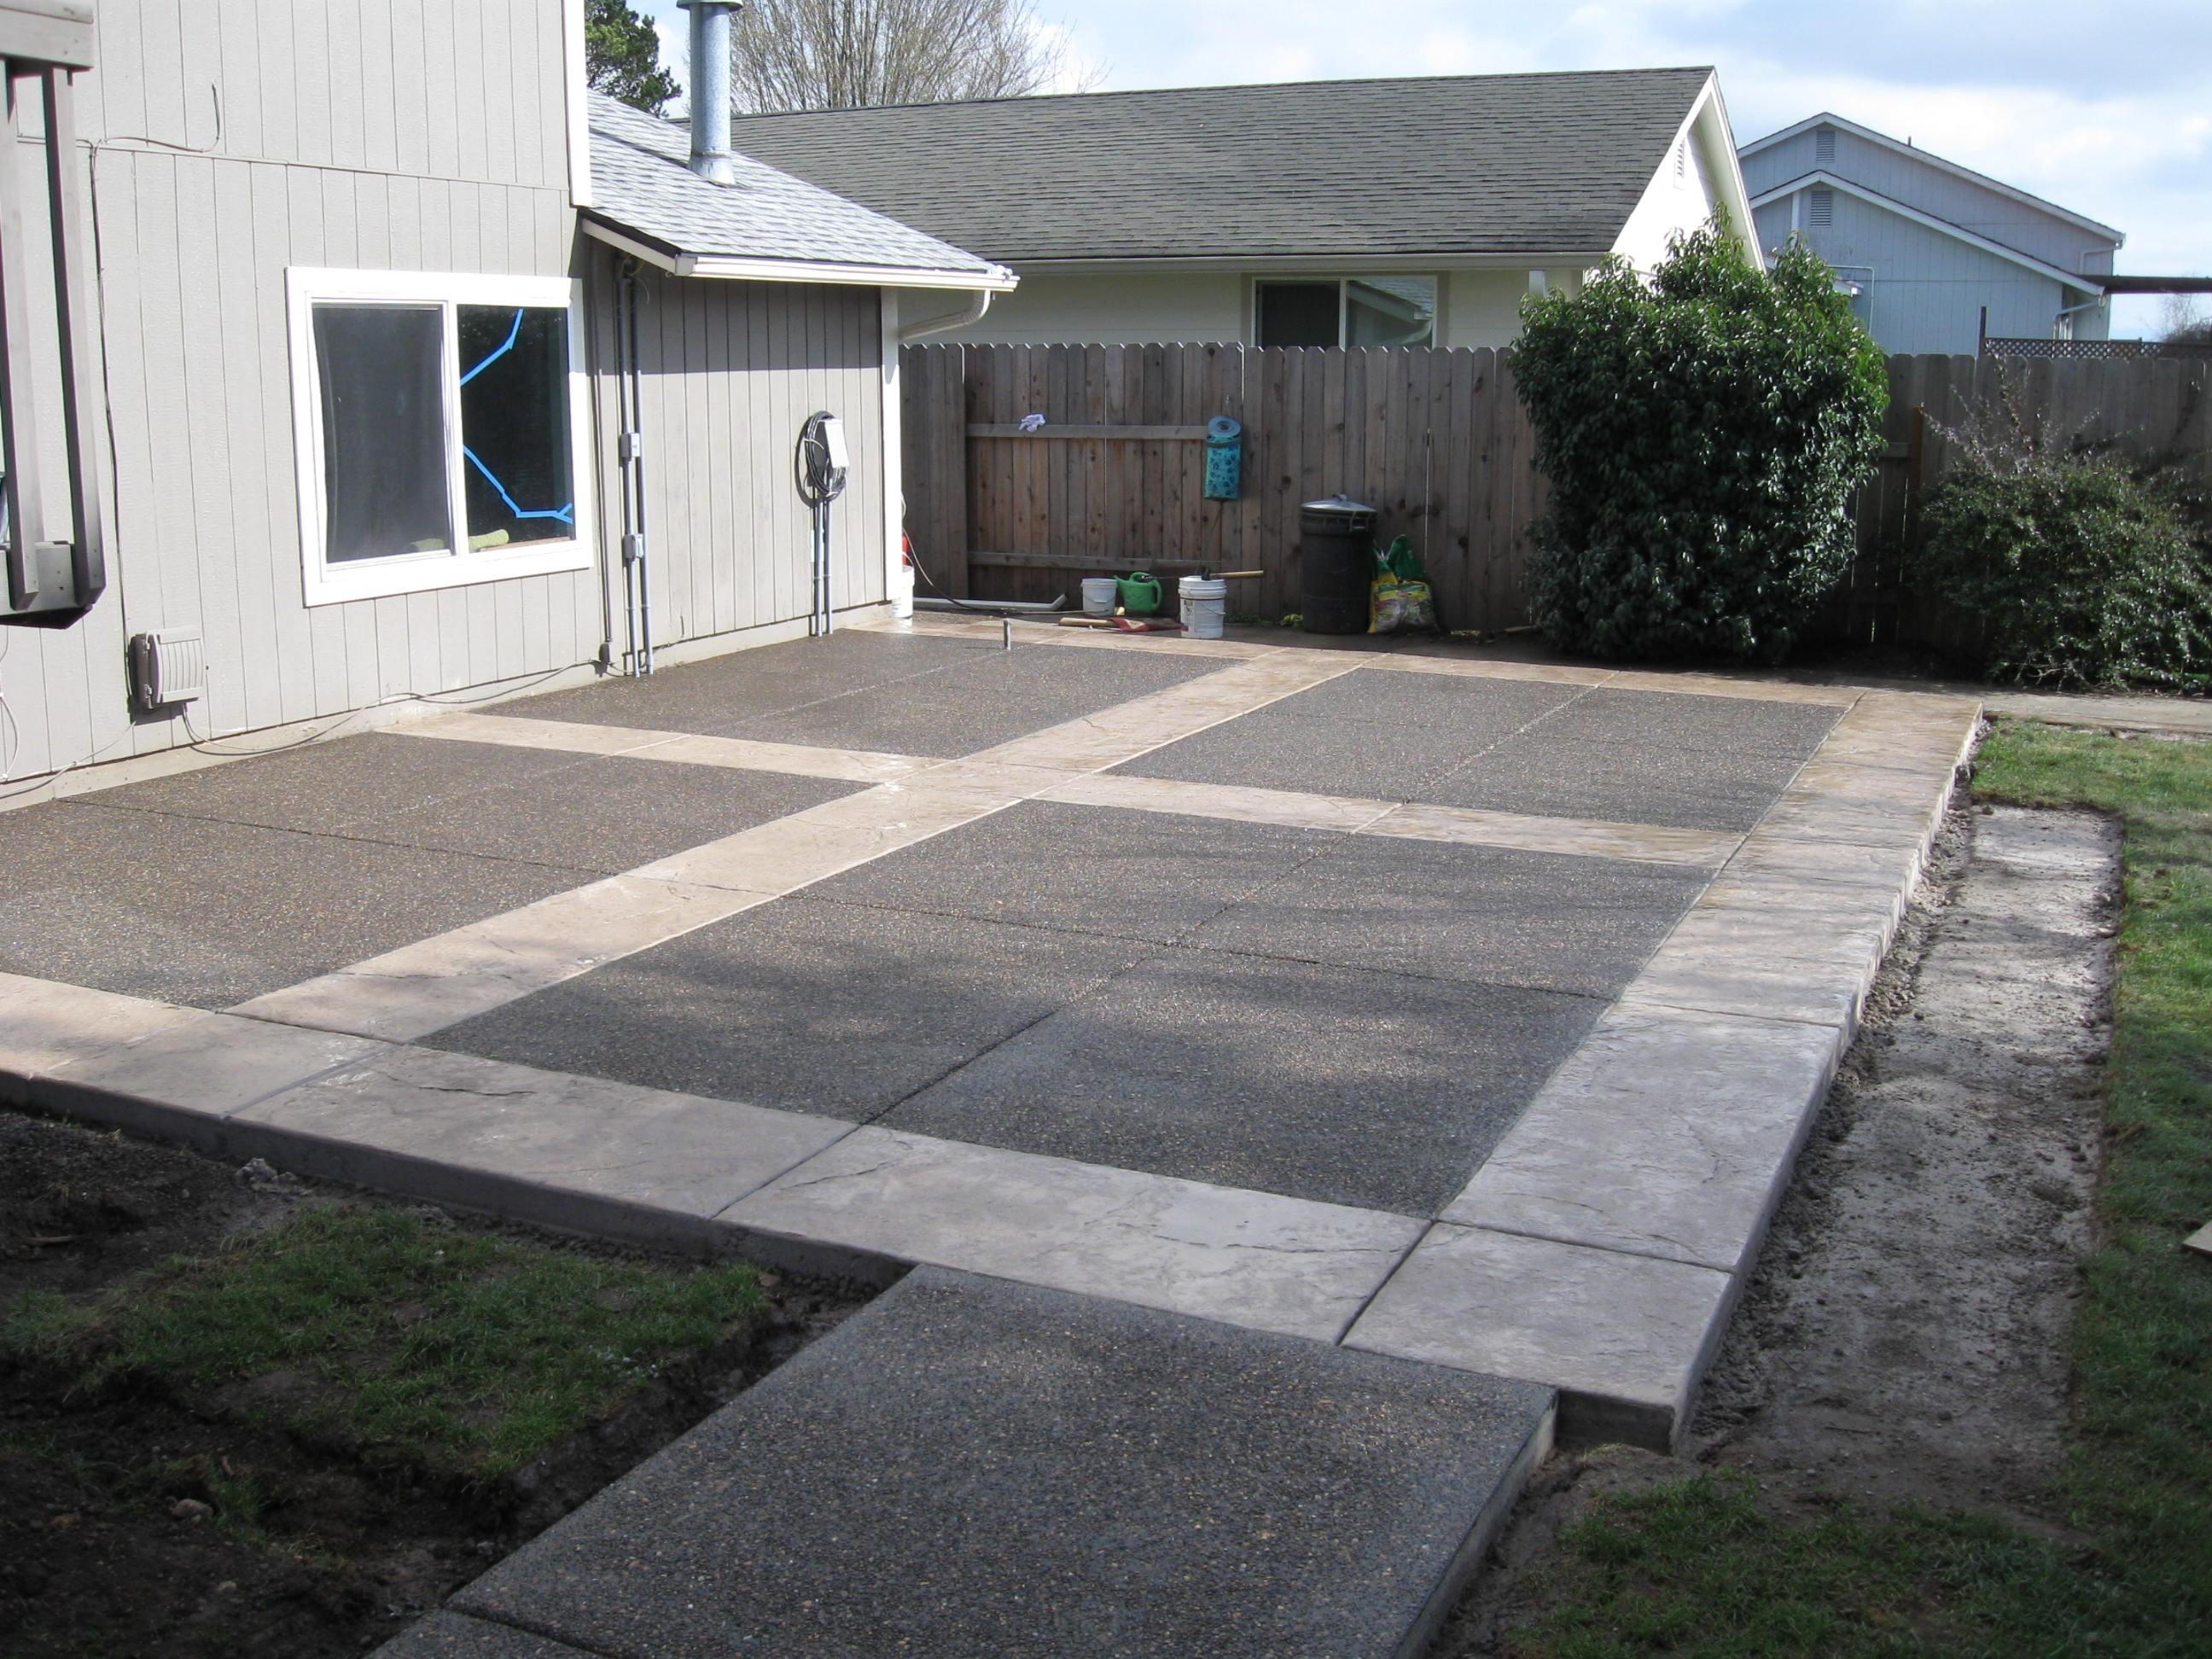 22.SIMPHOME.COM concrete patio ideas for small backyards